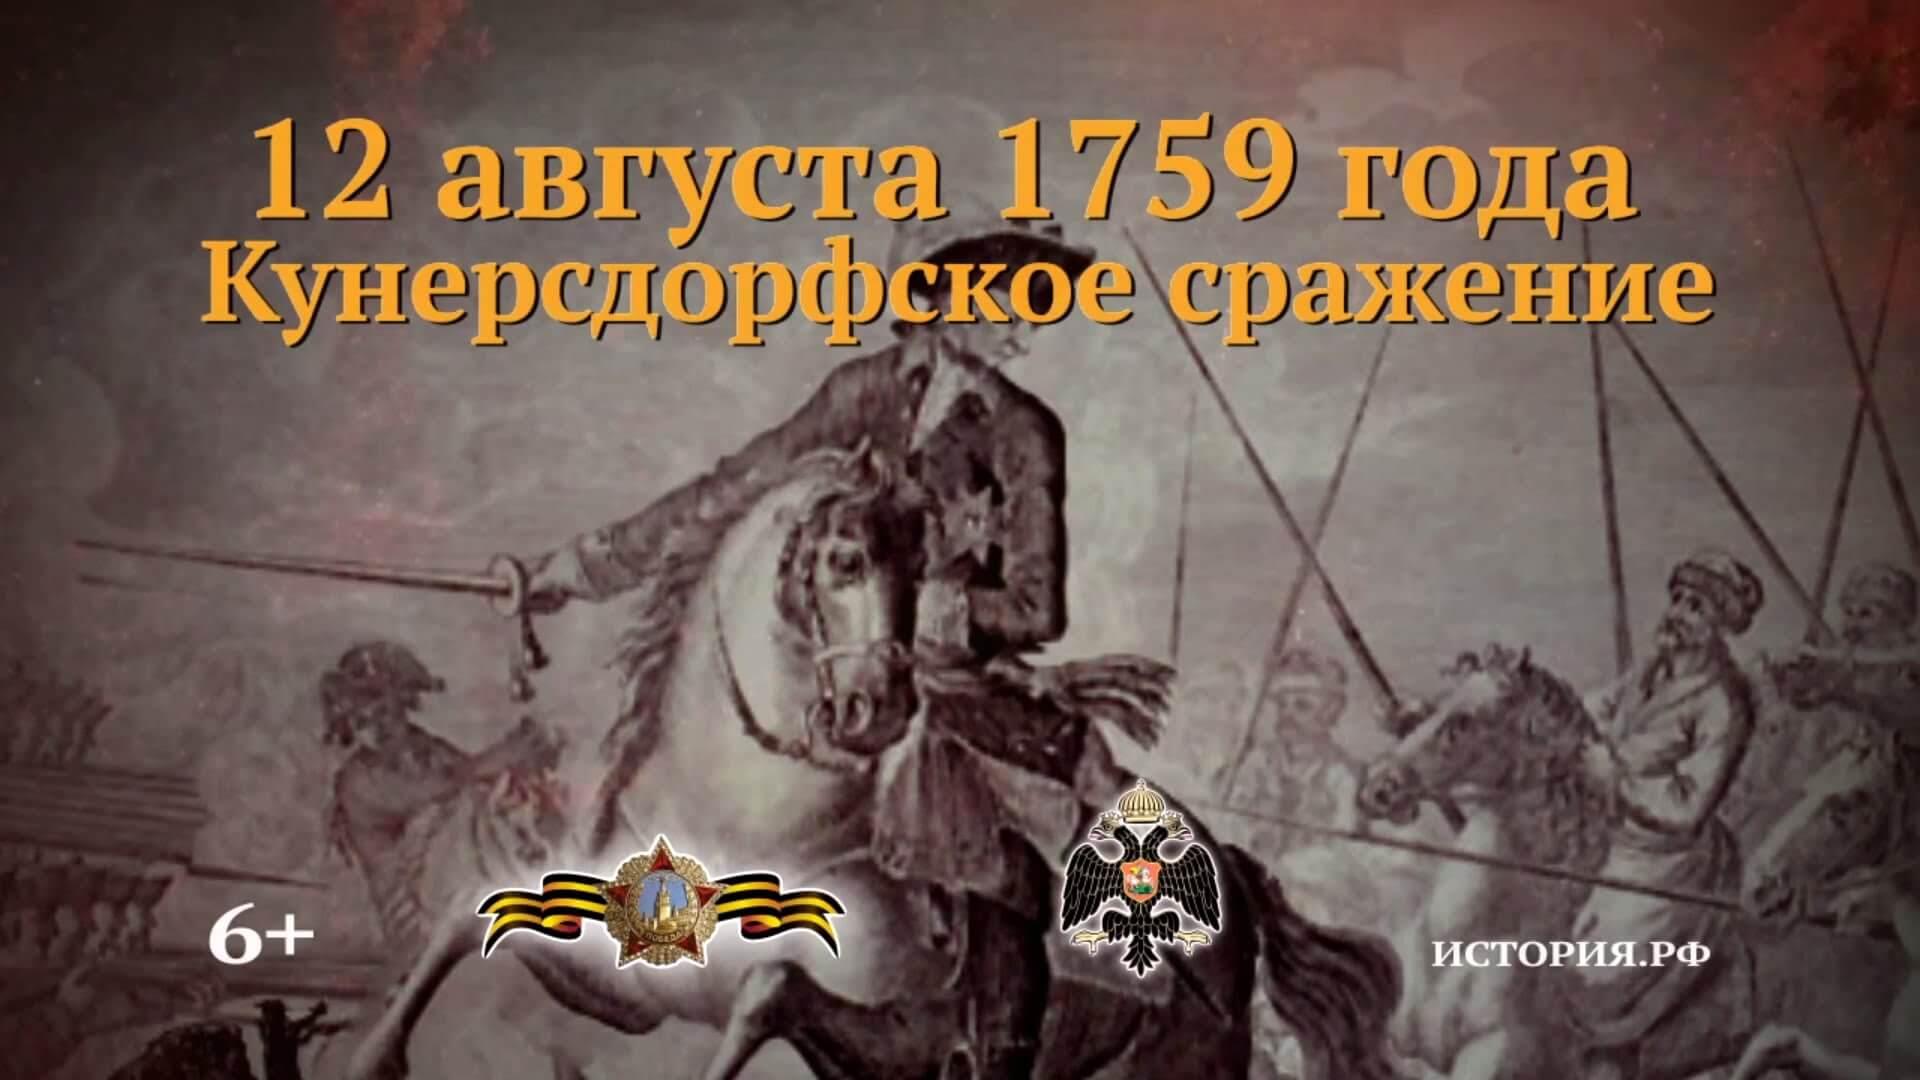 Памятная дата военной истории России. Кунерсдорфское сражение